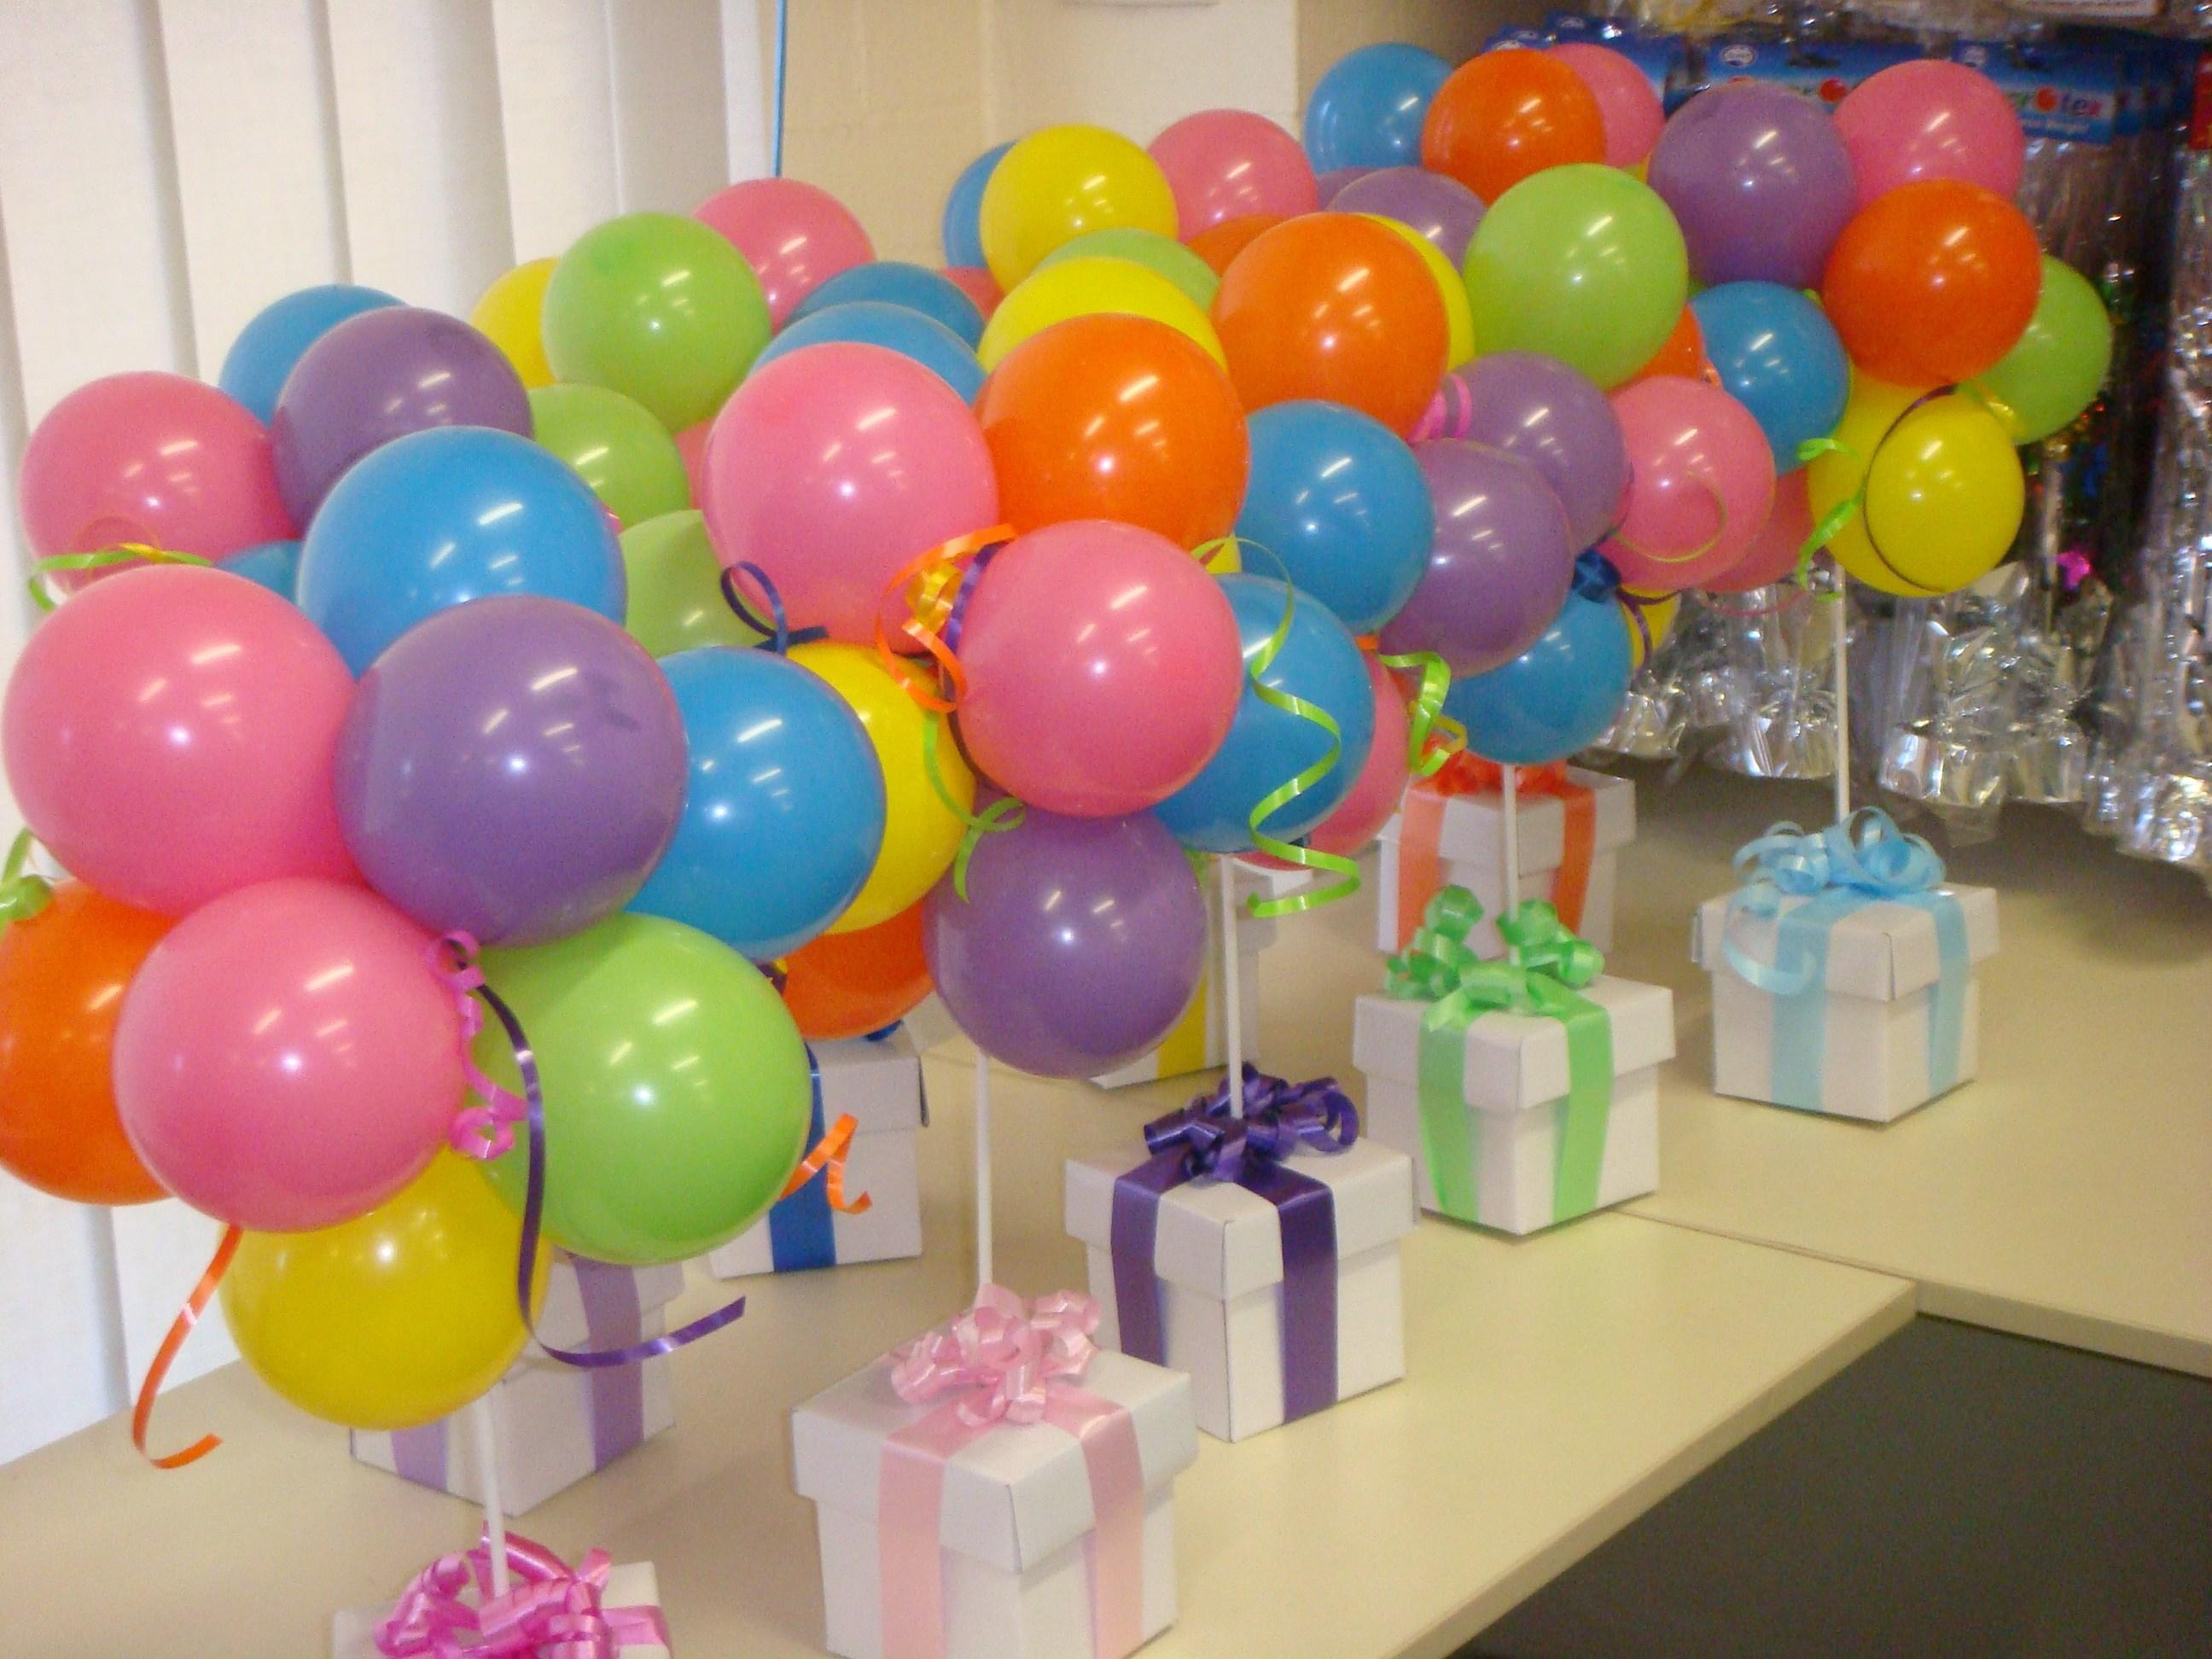 centros de mesa con golosinas y globos para fiestas